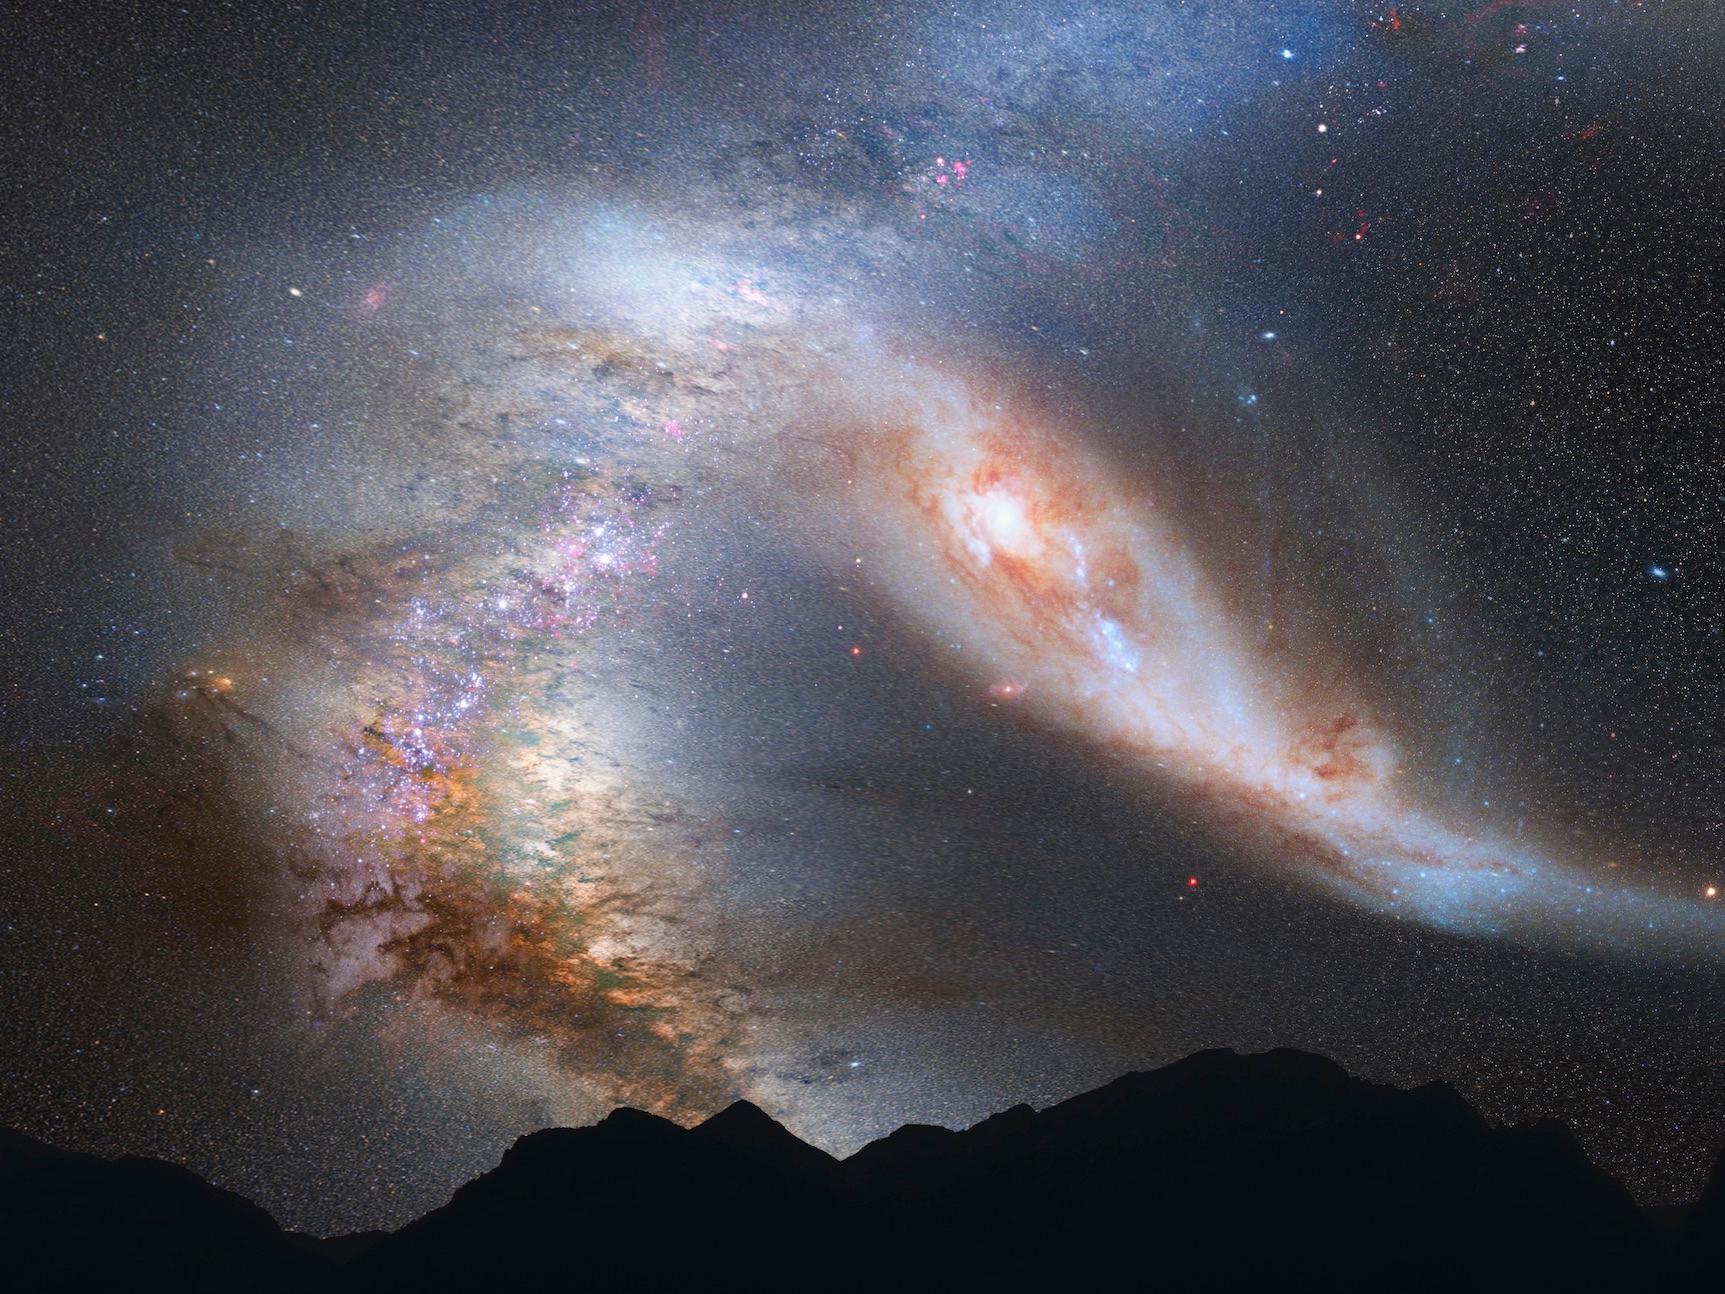 アンドロメダ銀河と天の川銀河が衝突 40億年後の夜空はこう見える